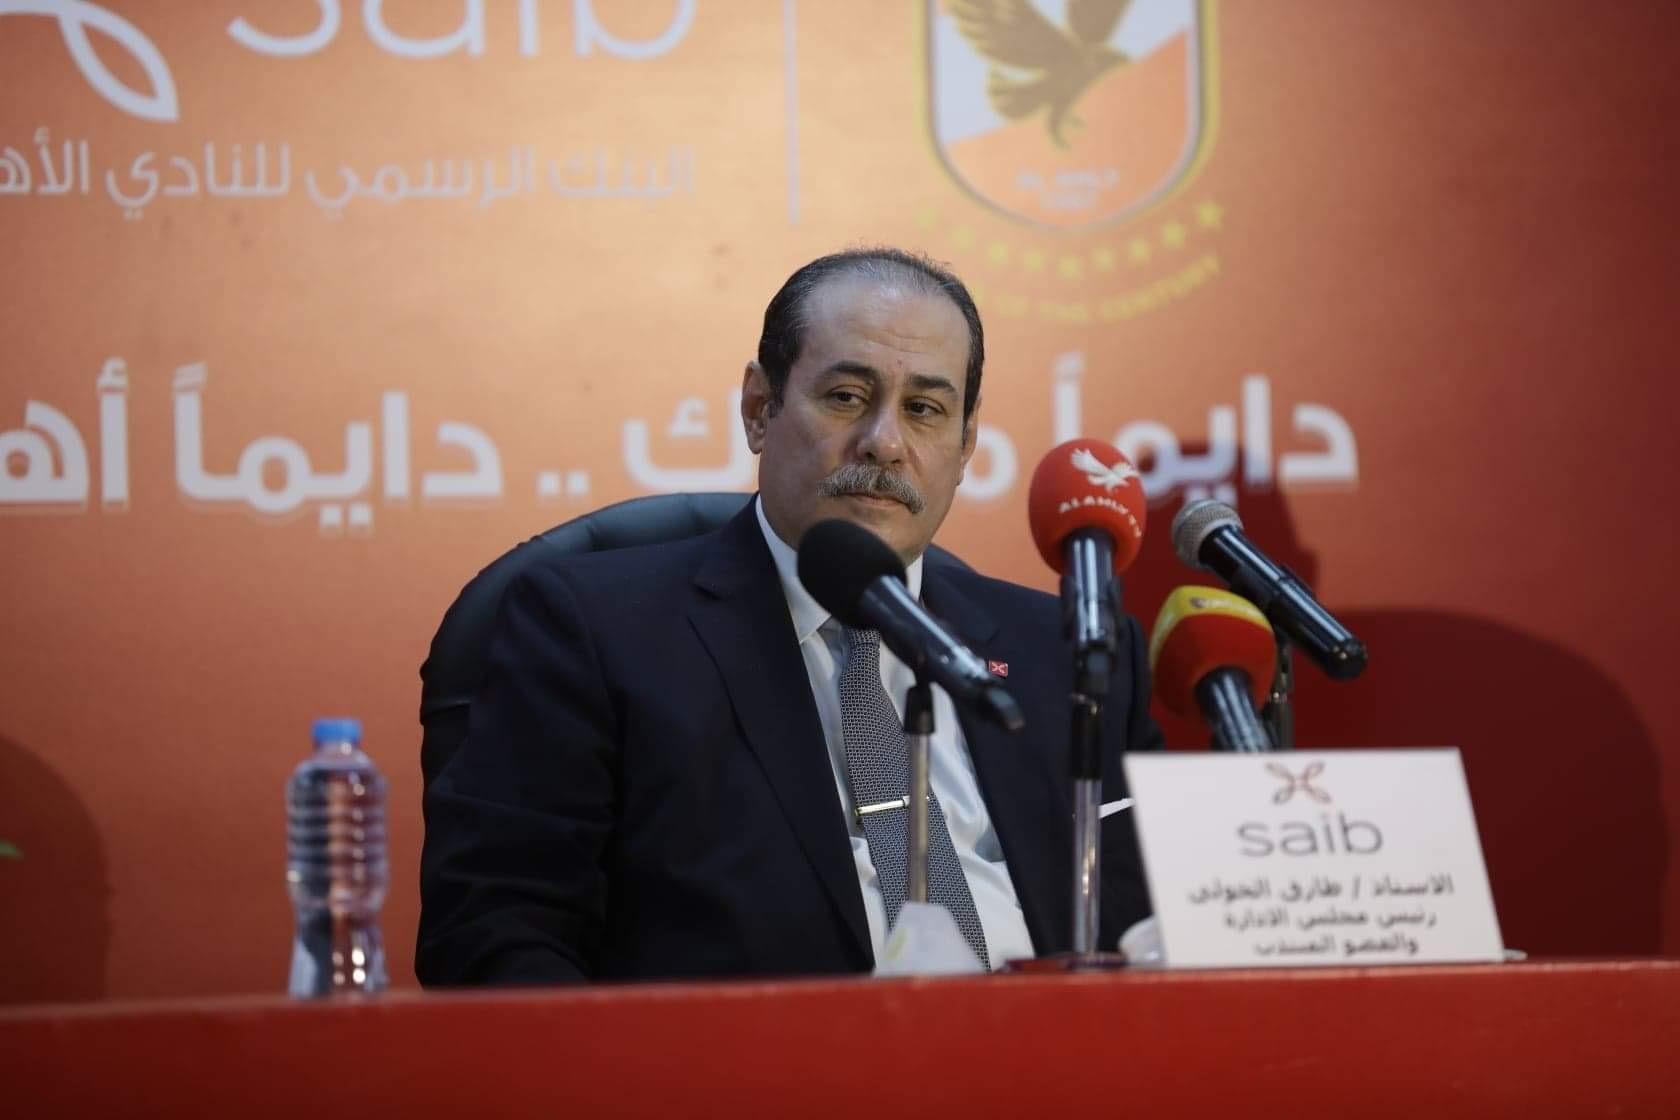 الخولي: «بنك saib» سعيد بالإنجازات التي يحققها مع الأهلي